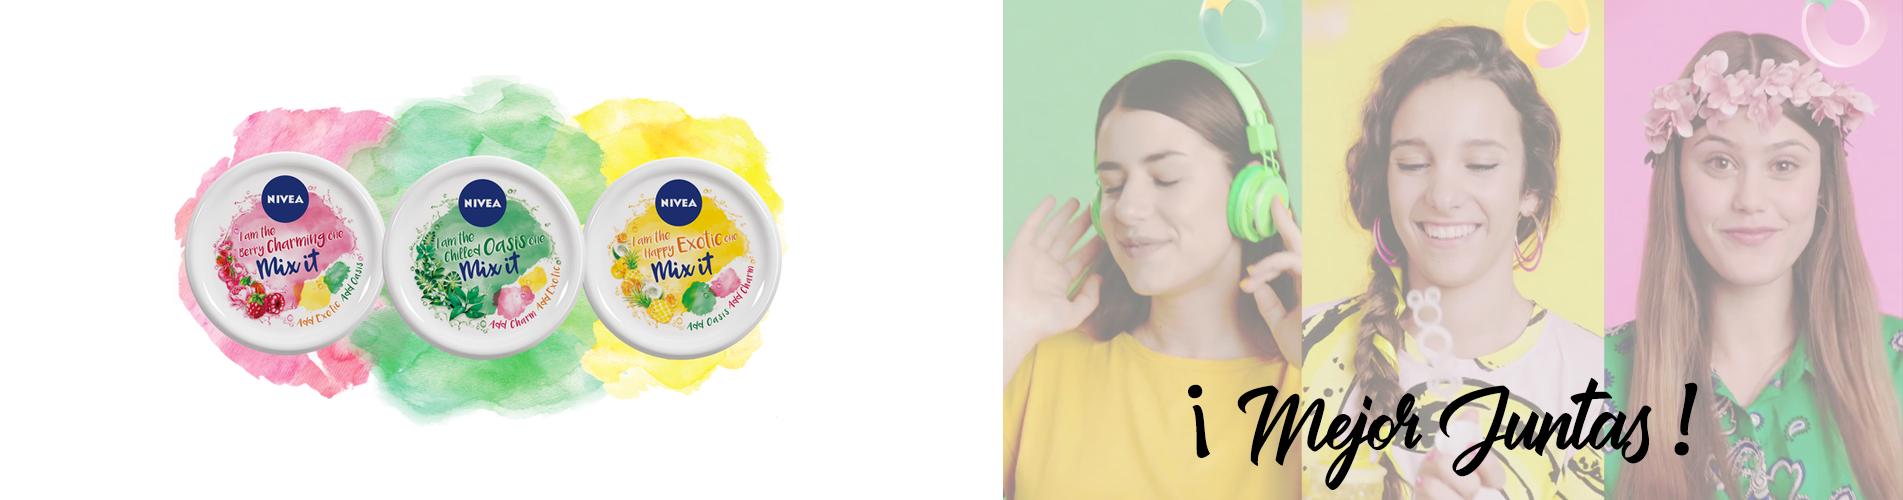 Nivea Soft Mix loción hidratante con nuevos aromas